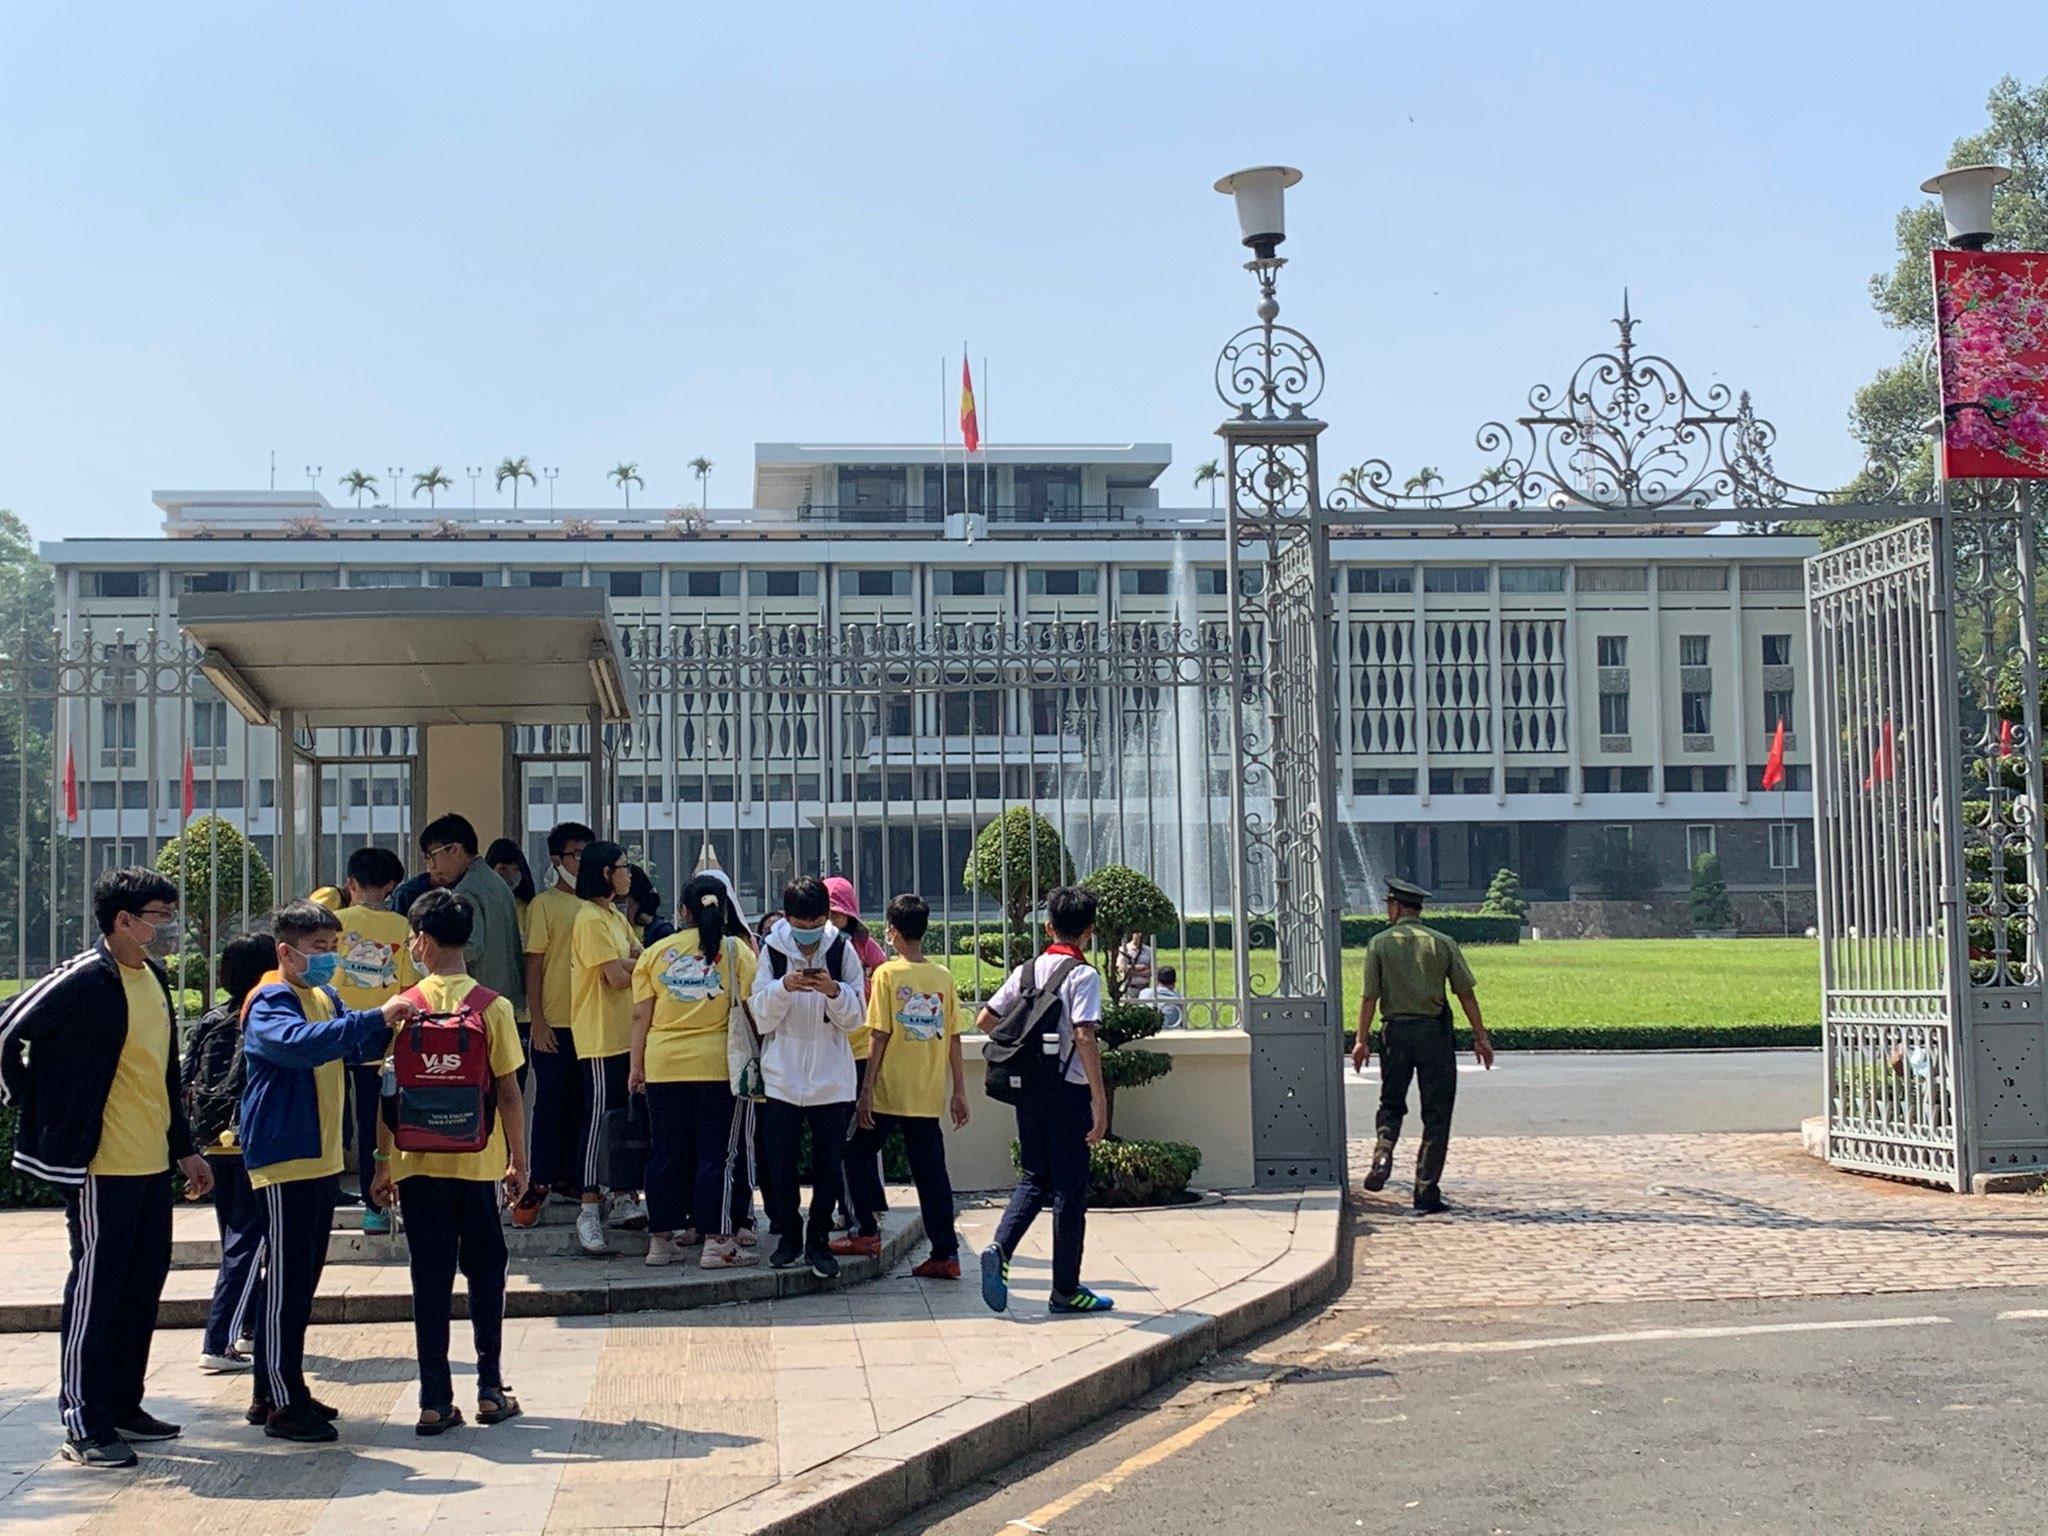 統一会堂(旧大統領官邸)